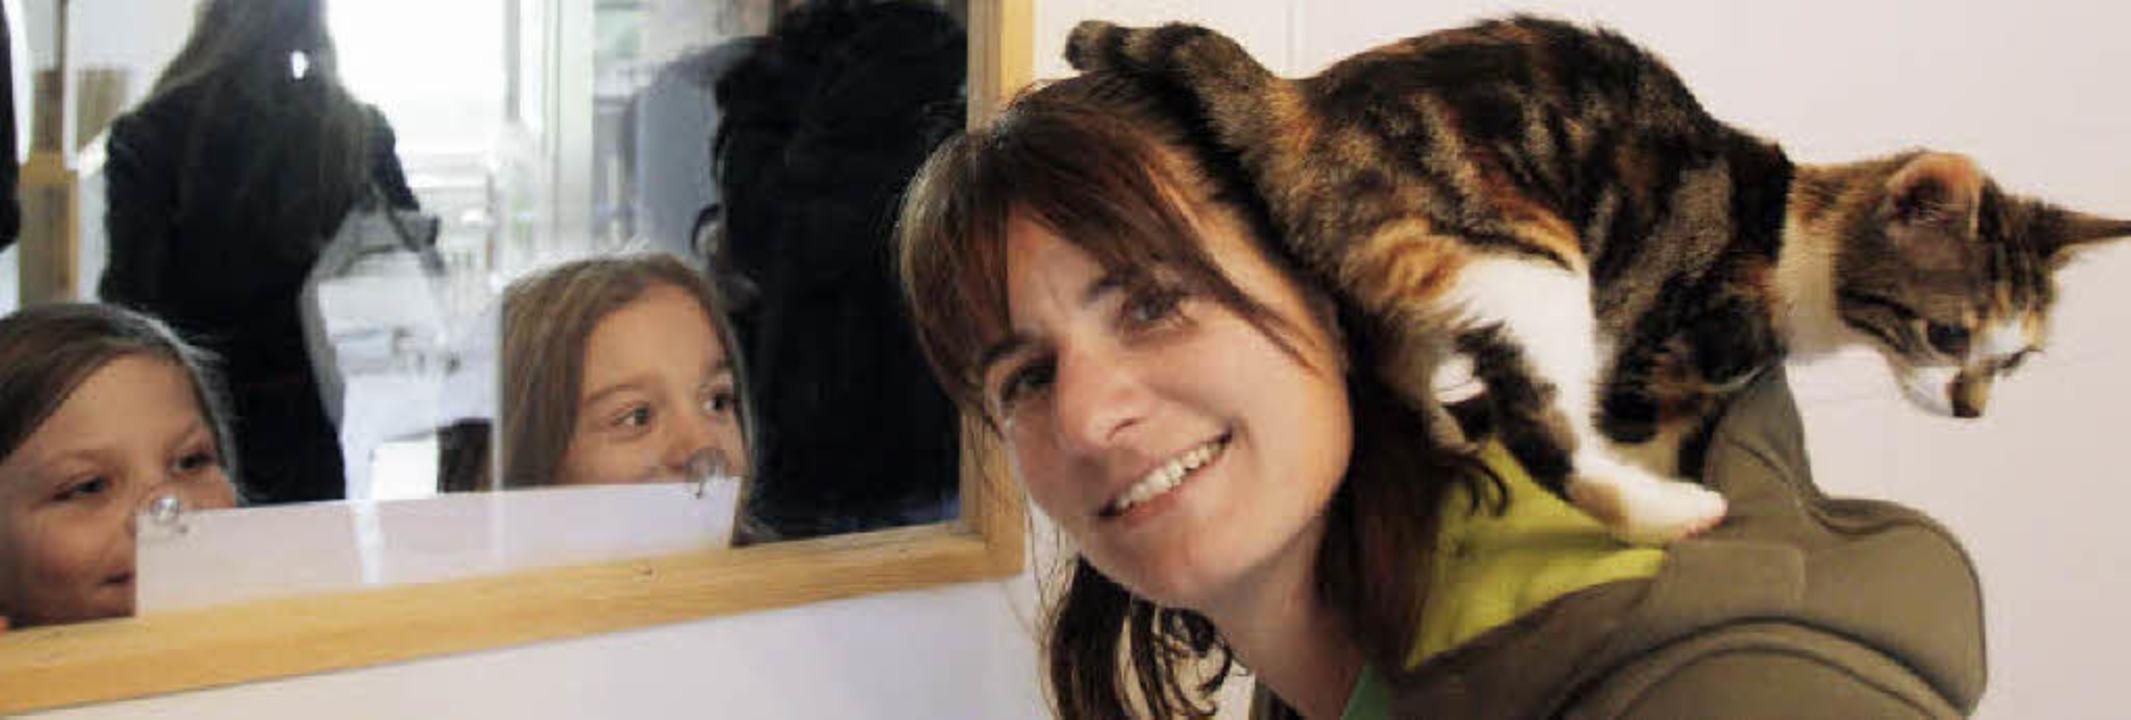 Iris Wiedemann ist Rechnerin im Tiersc...ohle umgehen, sondern auch mit Katzen.  | Foto: Patrik Müller